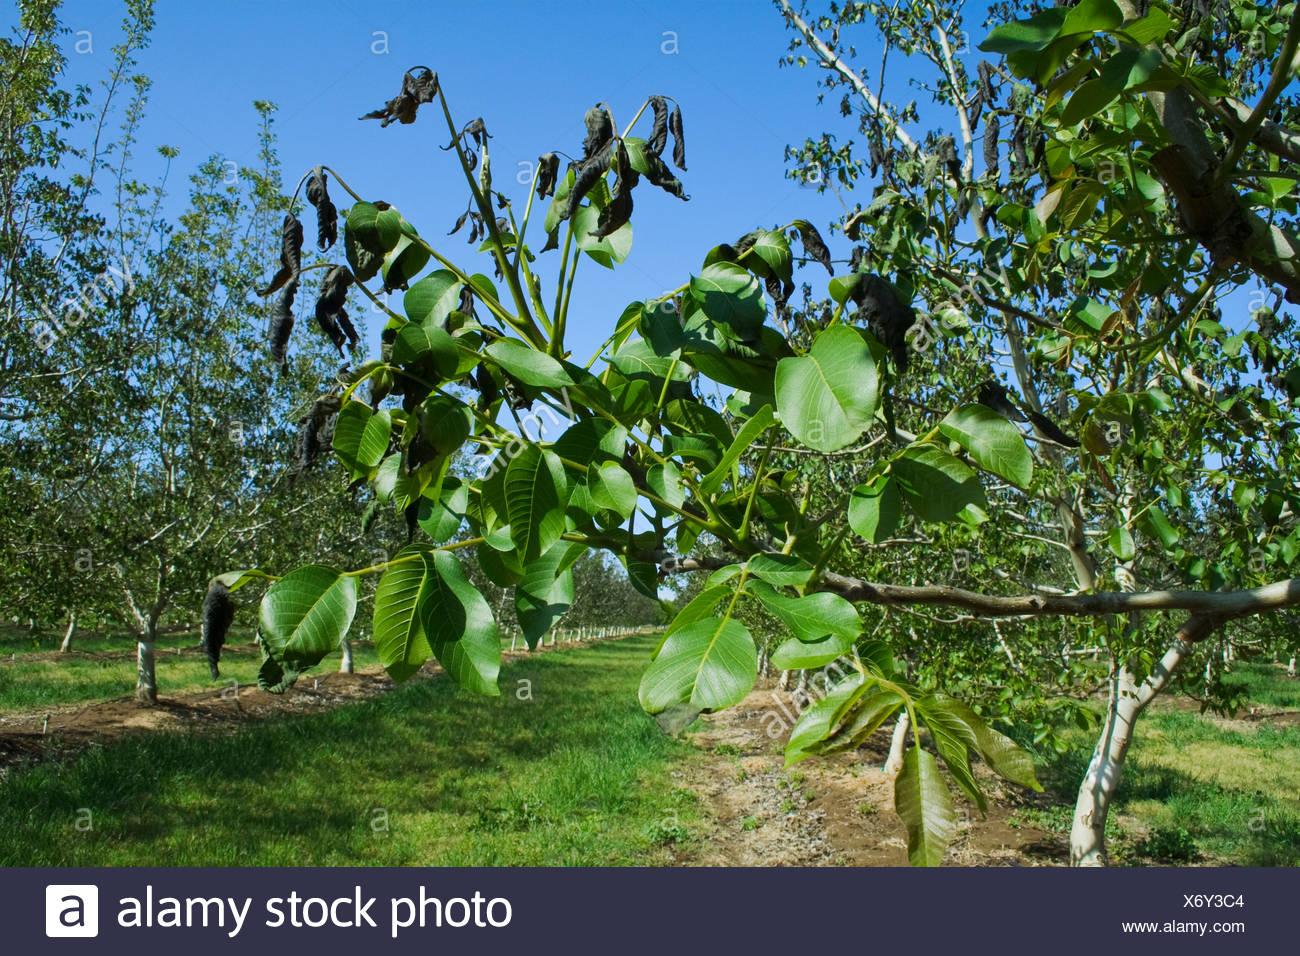 Landwirtschaft - Schaden Nussbaum Laub verursacht durch eine schwere ungewöhnliche Frühling Einfrieren / in der Nähe von Dairyville, Kalifornien, USA. Stockbild